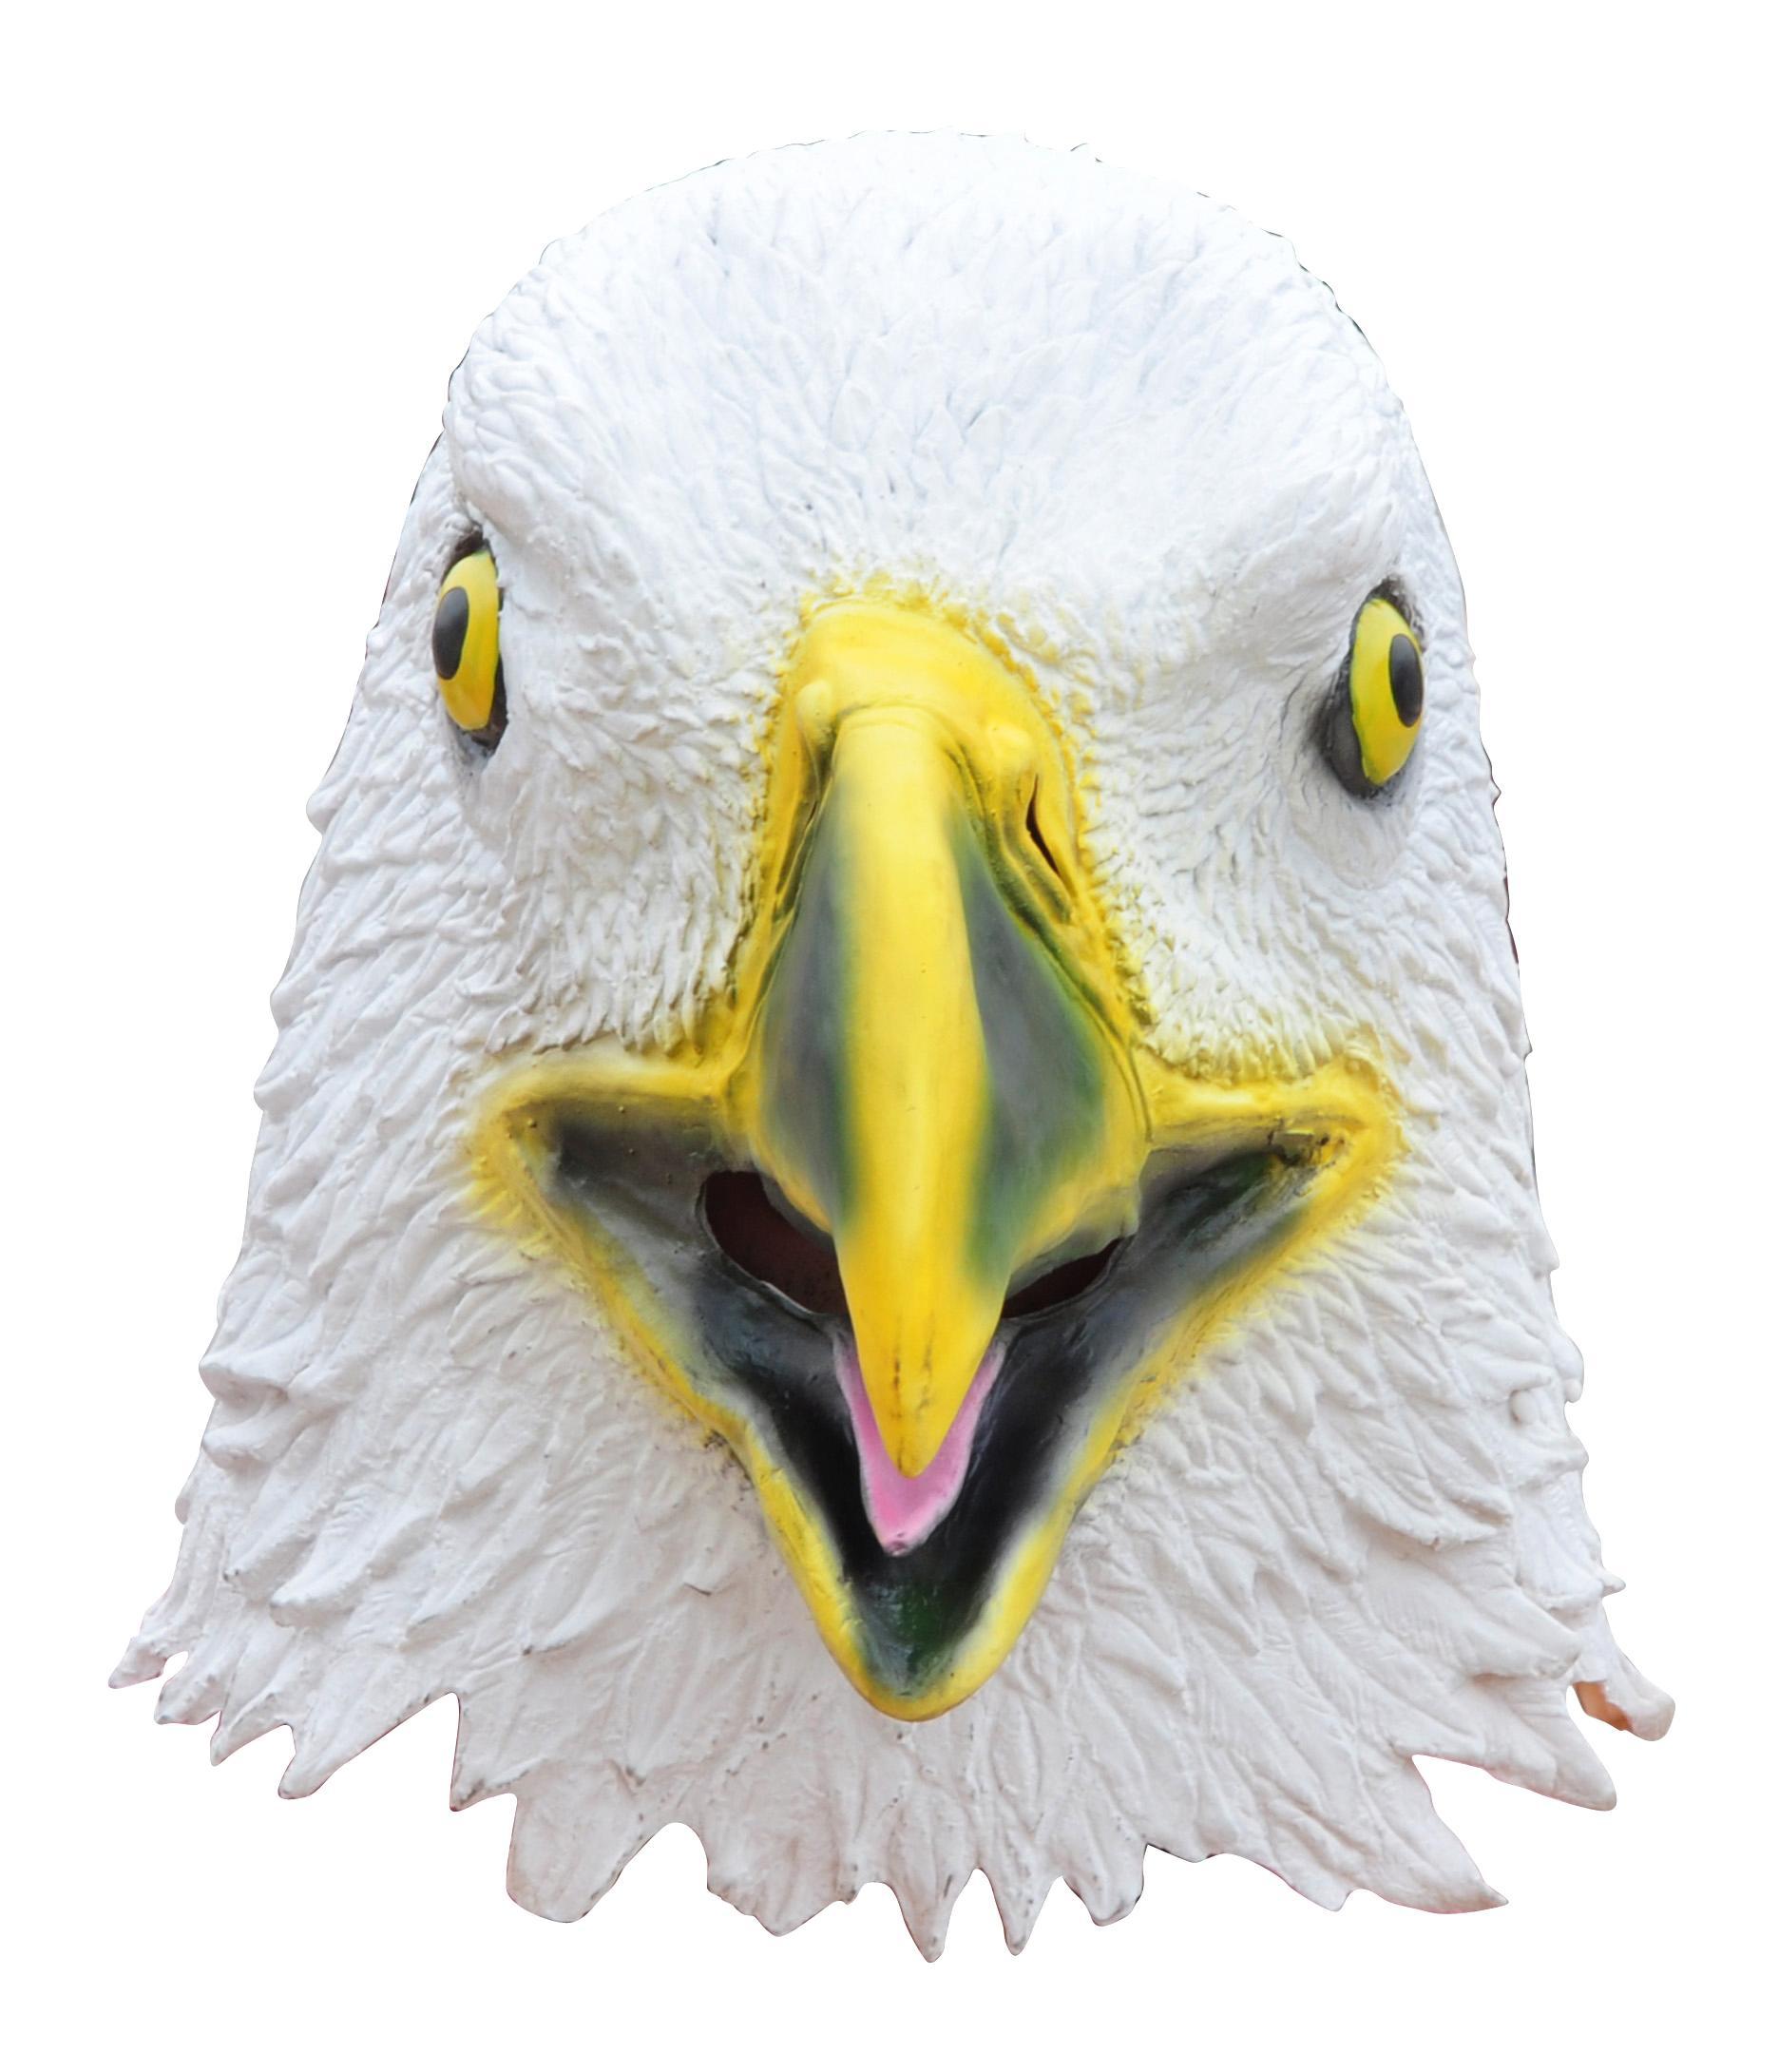 Amazon.com: Capital Costumes Giant Animal Masks - Eagle Costume Mask ...